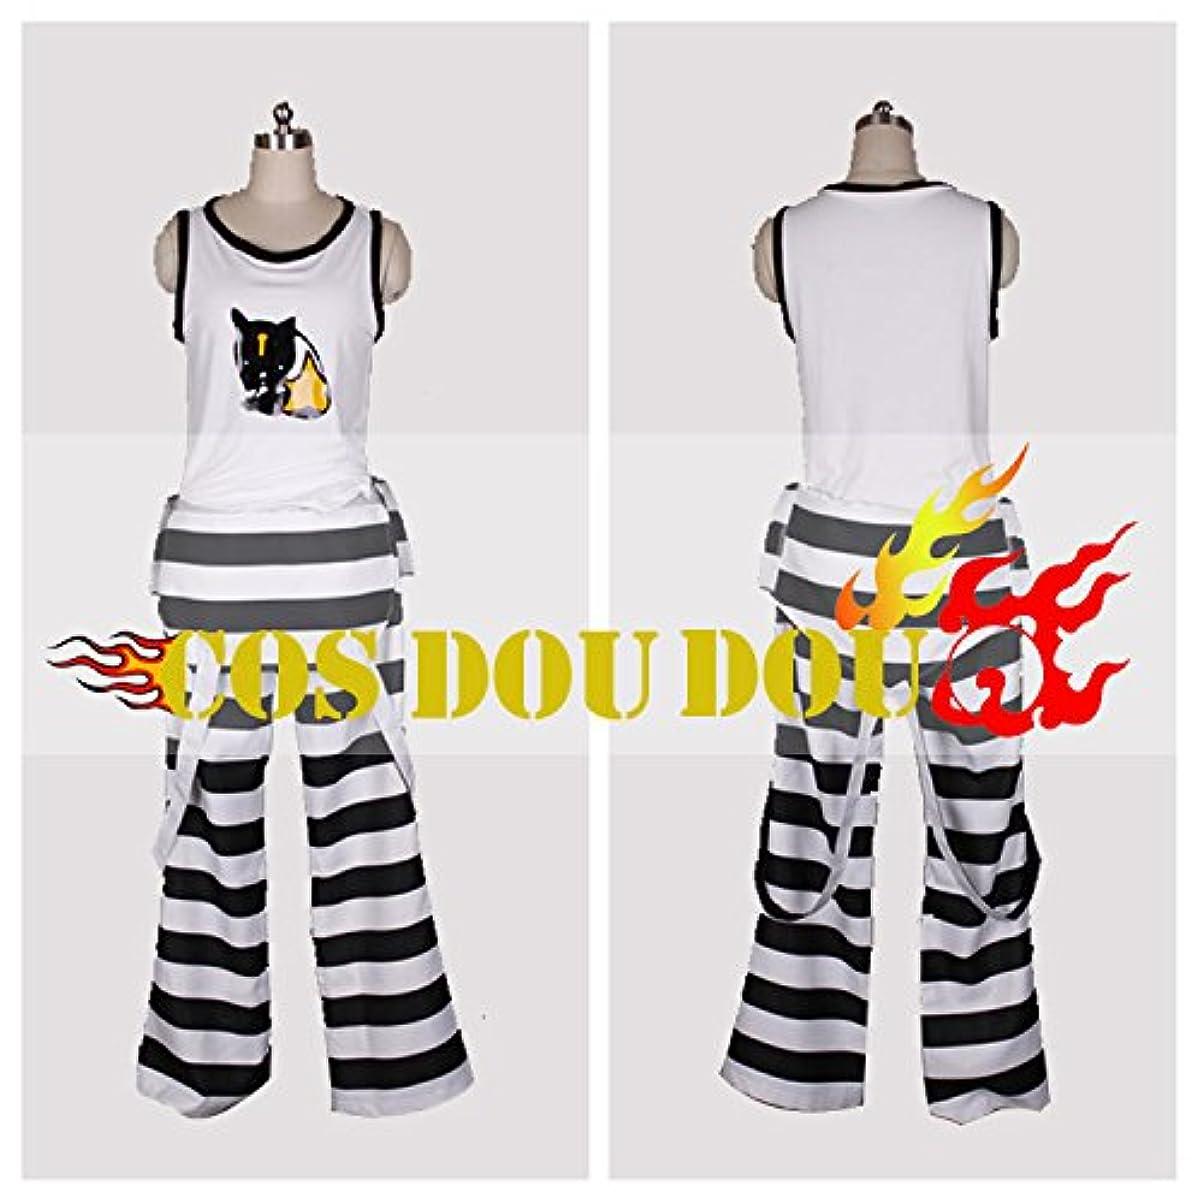 模索舌なパンラッキードッグ Lucky Dog1 ジャンカルロIvan 囚人服 コスプレ衣装 コスチューム ハロウィン クリスマス COSPLAY (男性XL)